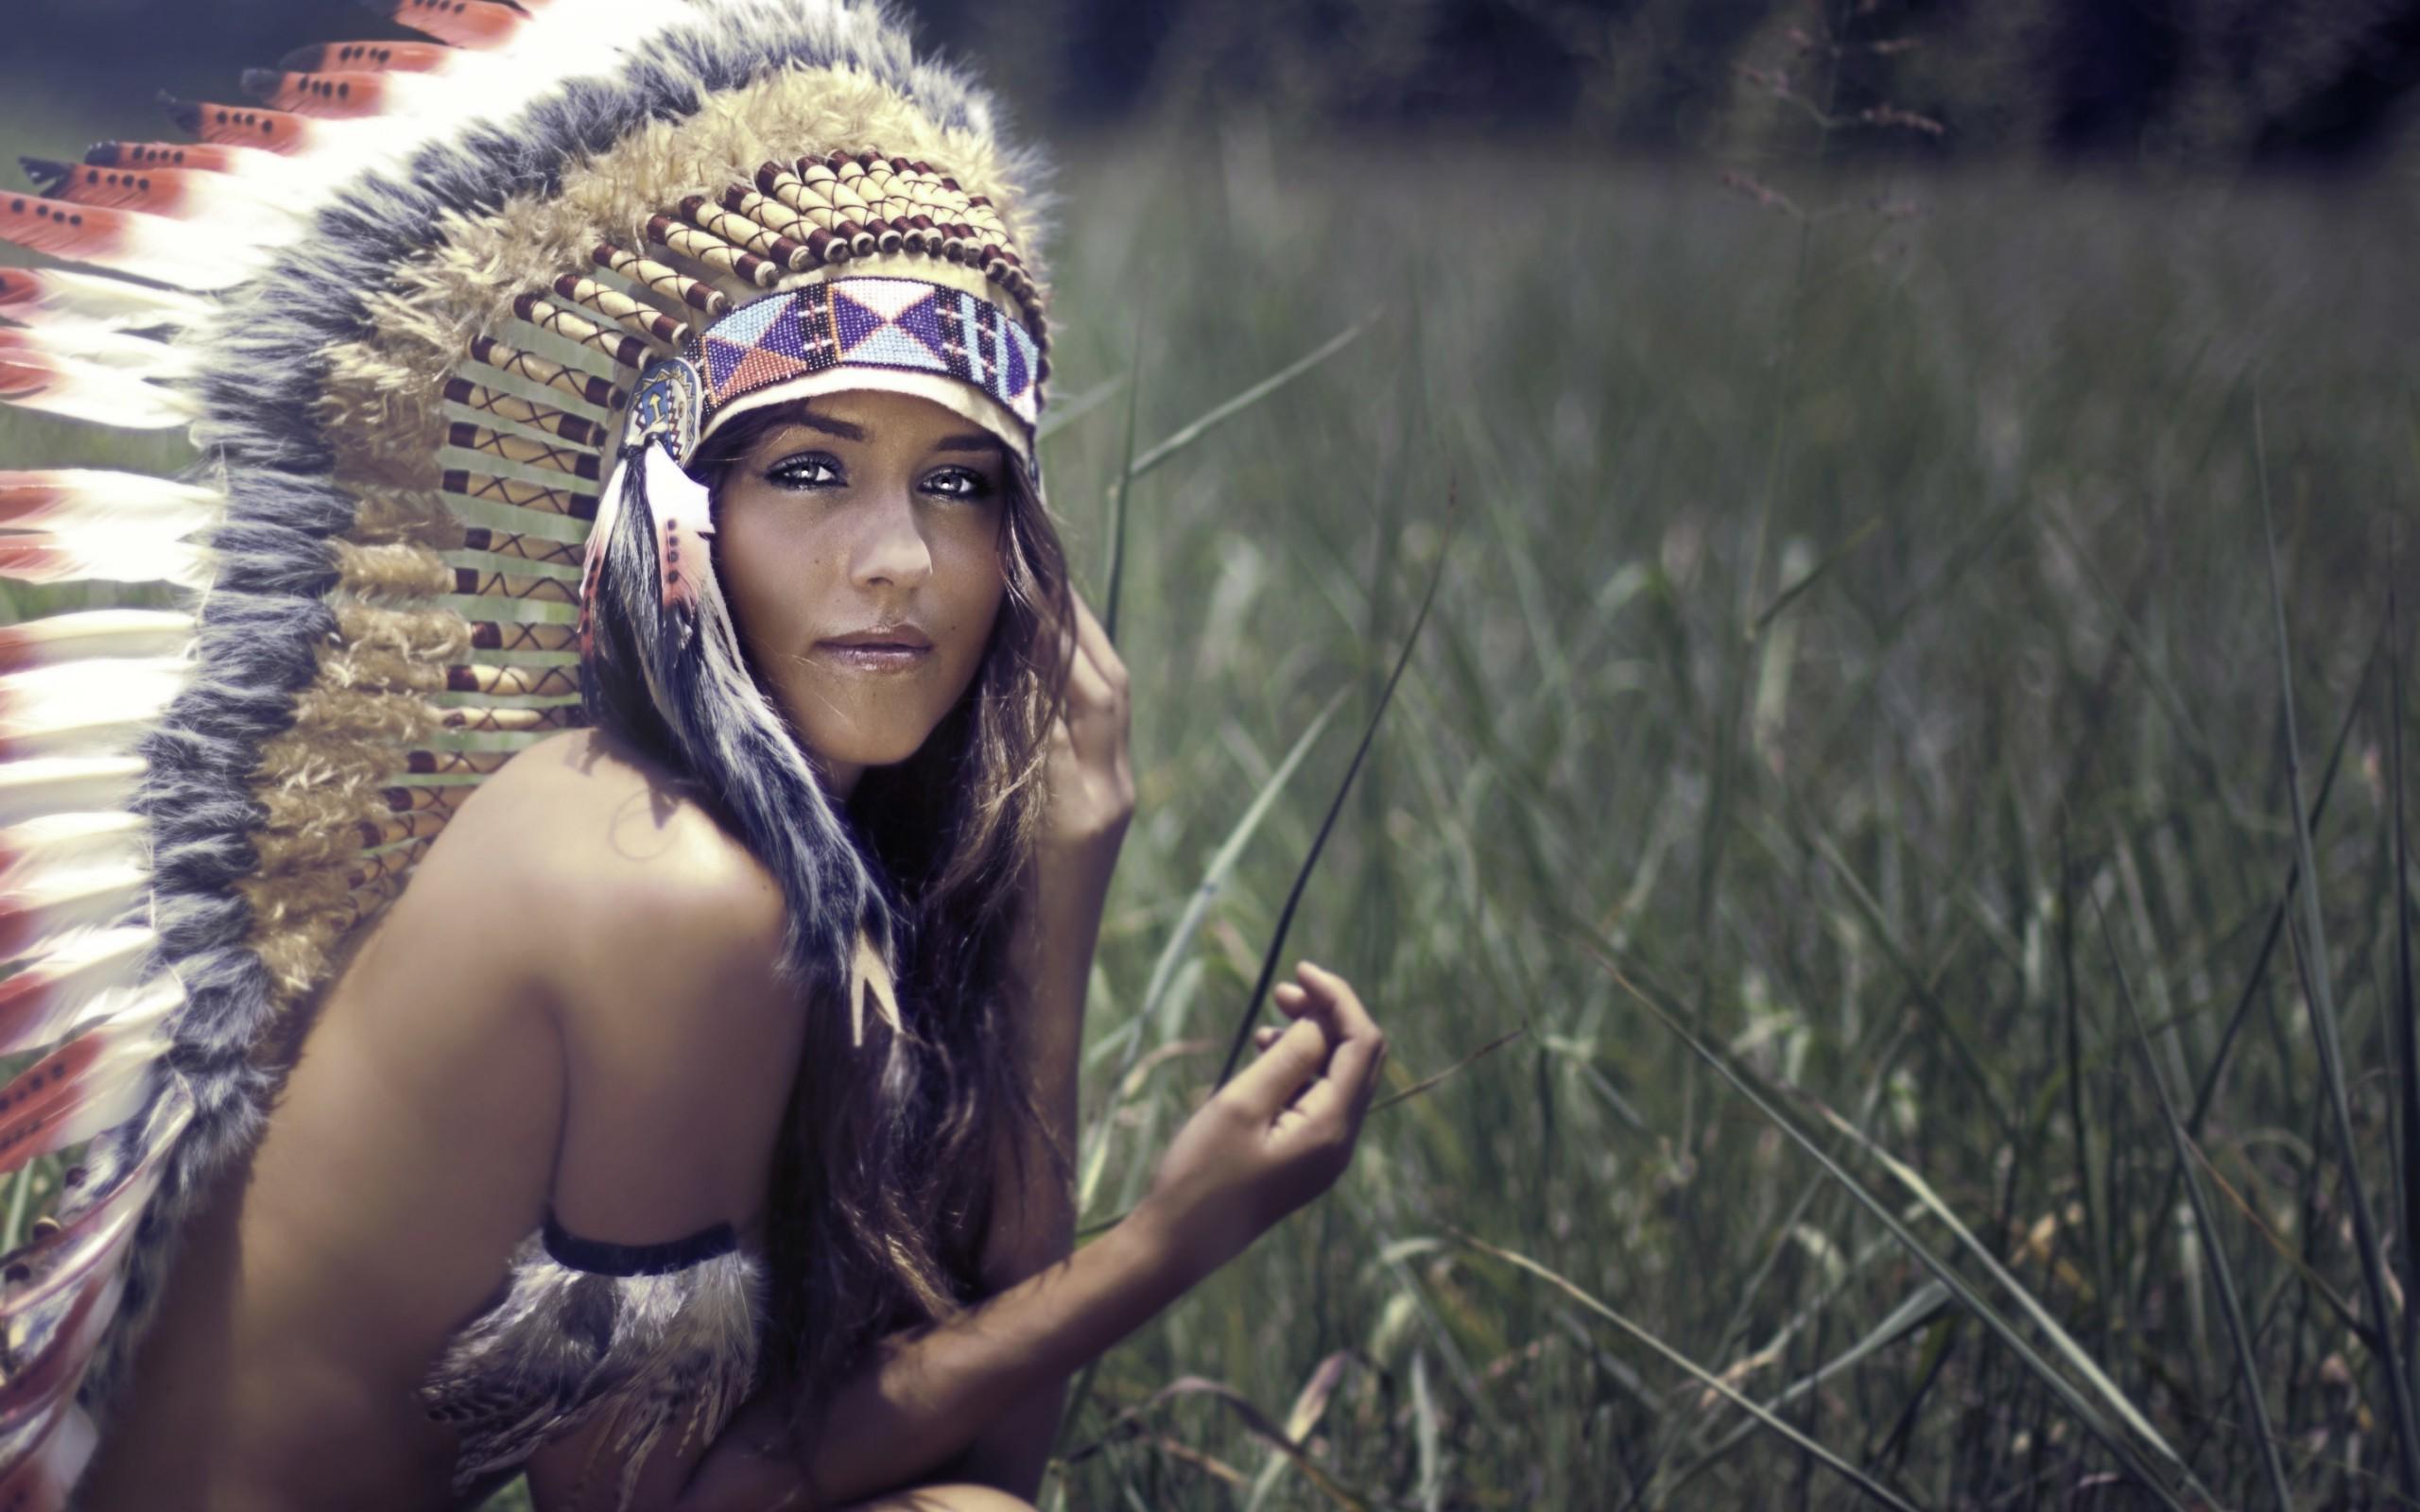 Wallpaper People Women Model Brunette Photography